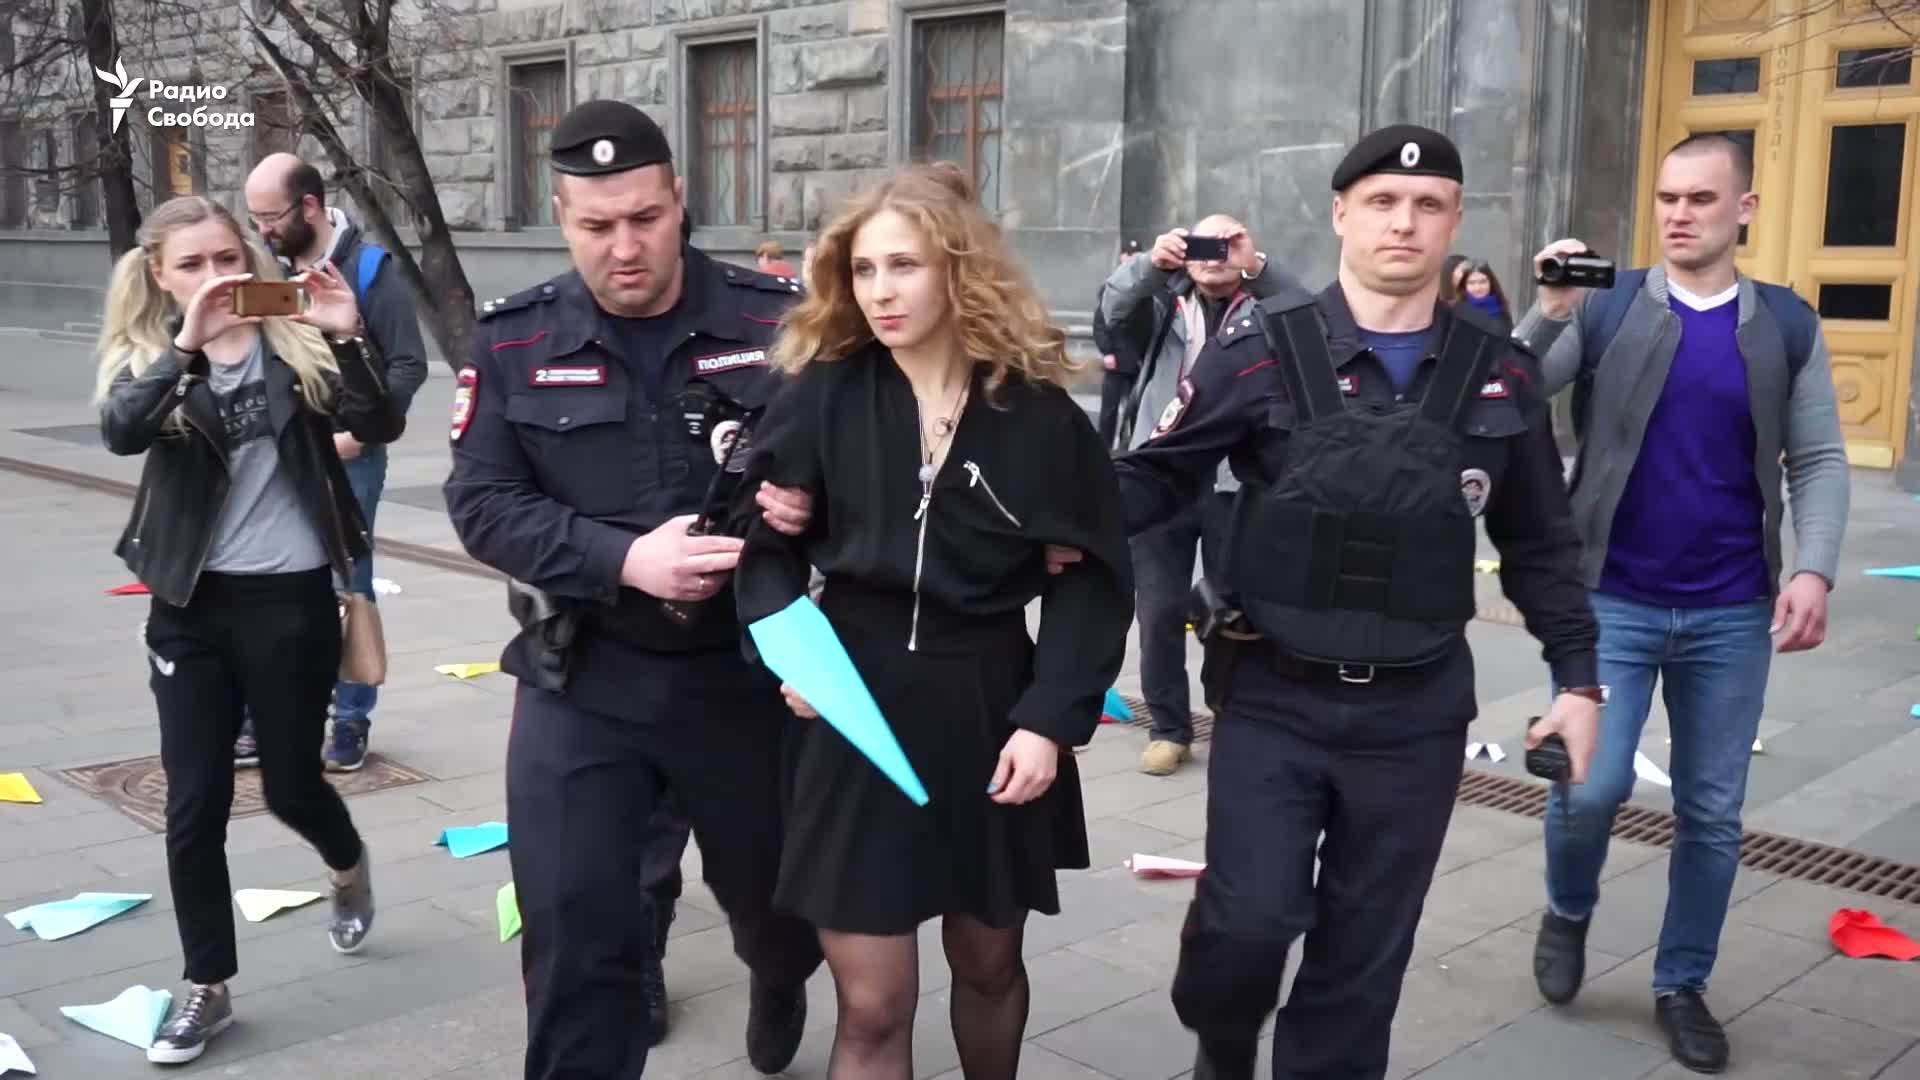 Суд приговорил к социальным работам активистку Pussy Riot, поддержавшую Telegram